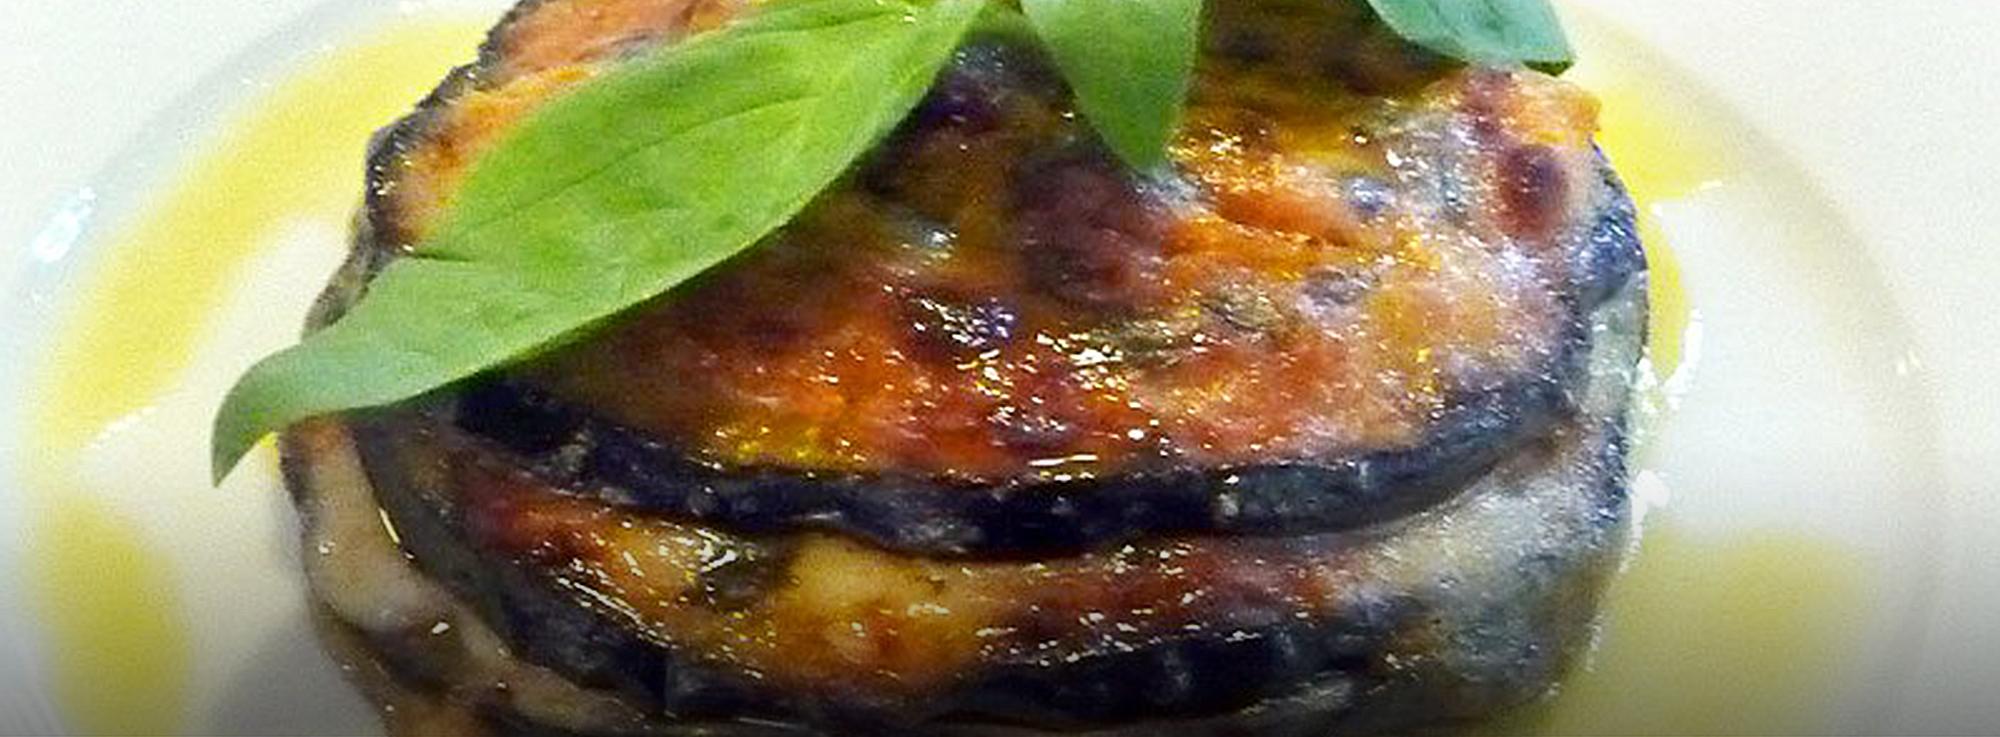 Ricetta: Sfogliatine di melanzane tonde pugliesi con mozzarella e caciocavallo podolico